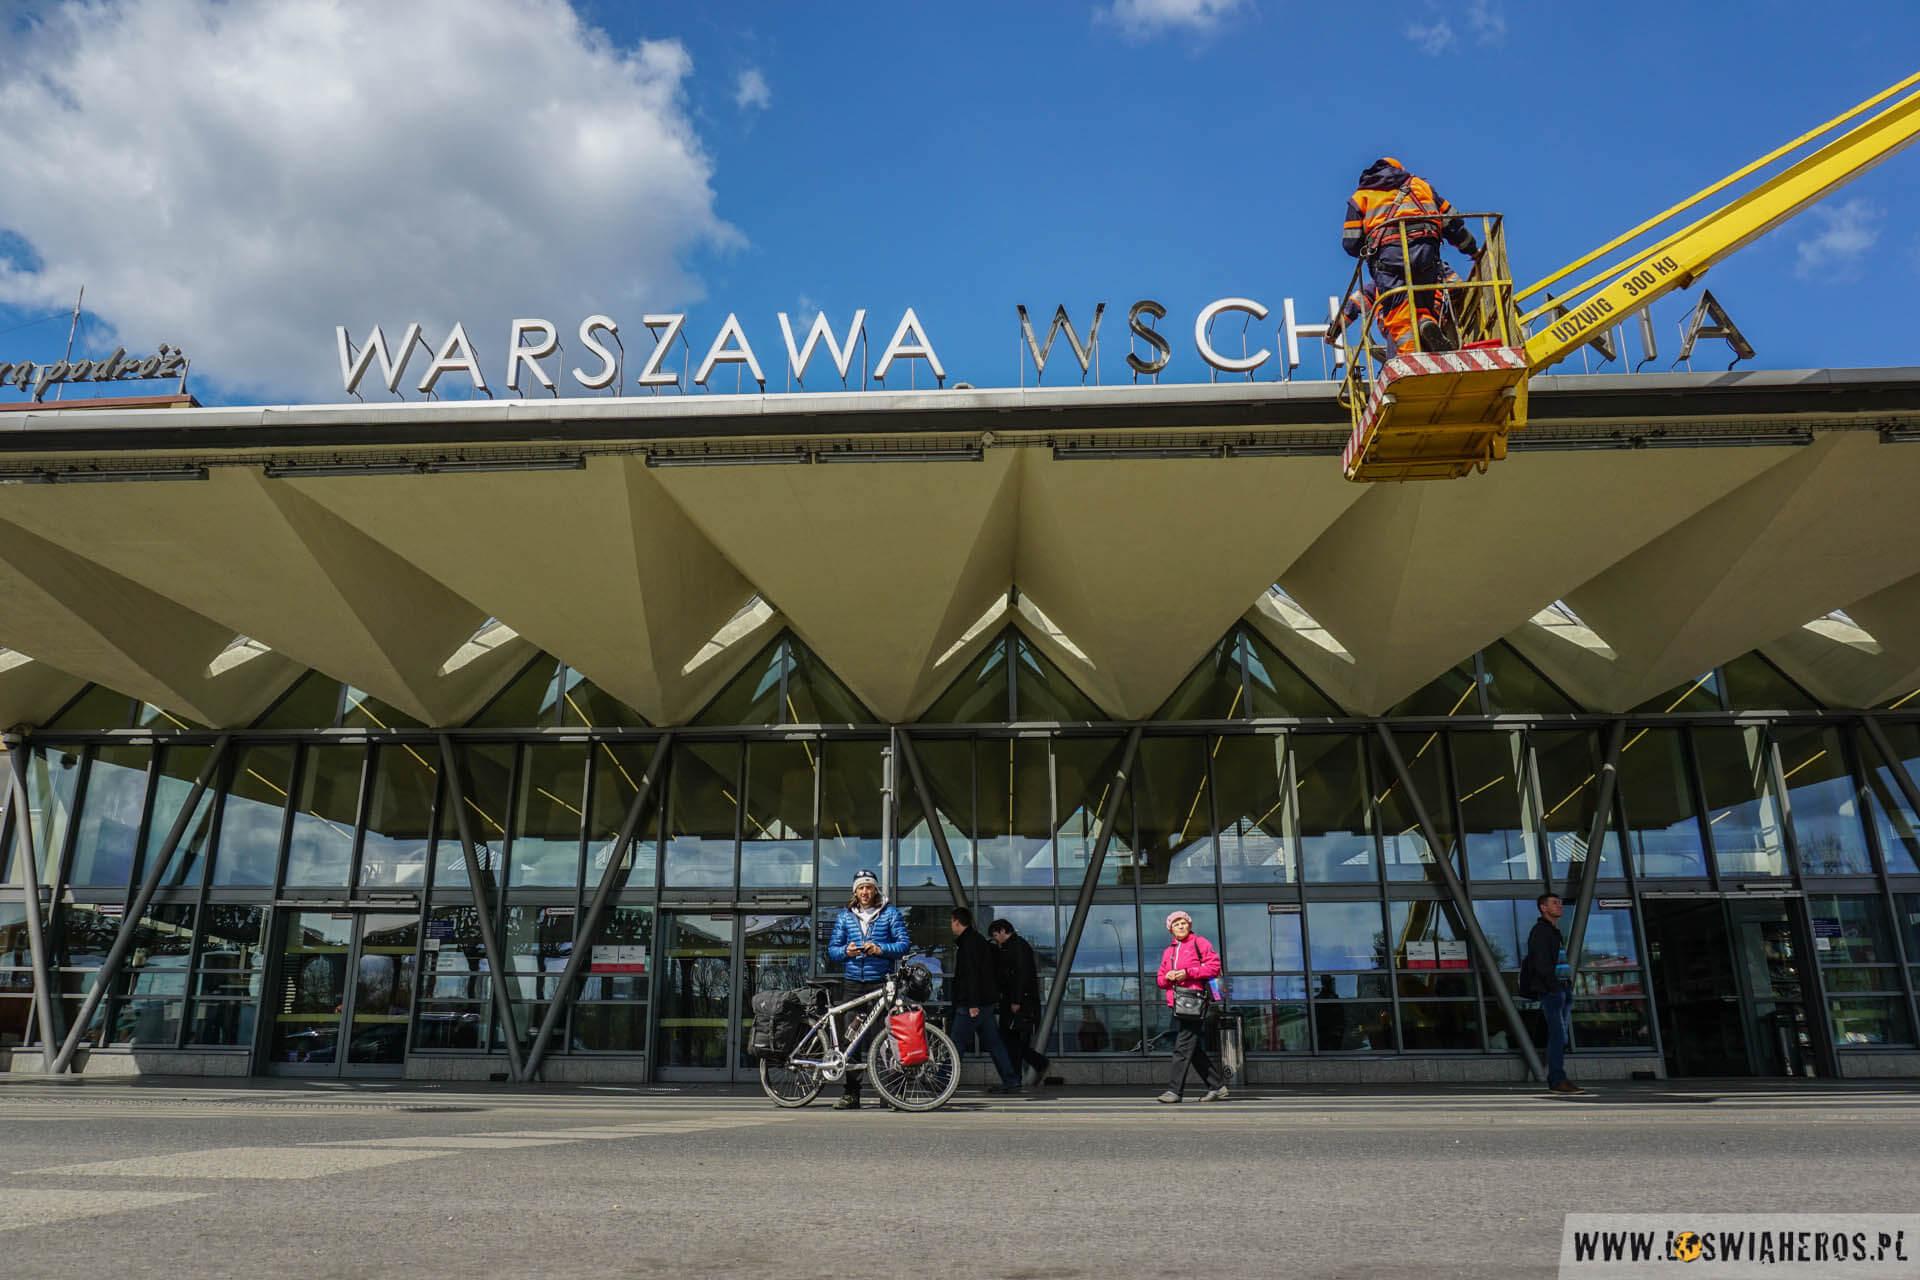 Andrzej startuje zWarszawy pociągiem, adalej zGdańska promem doSzwecji.